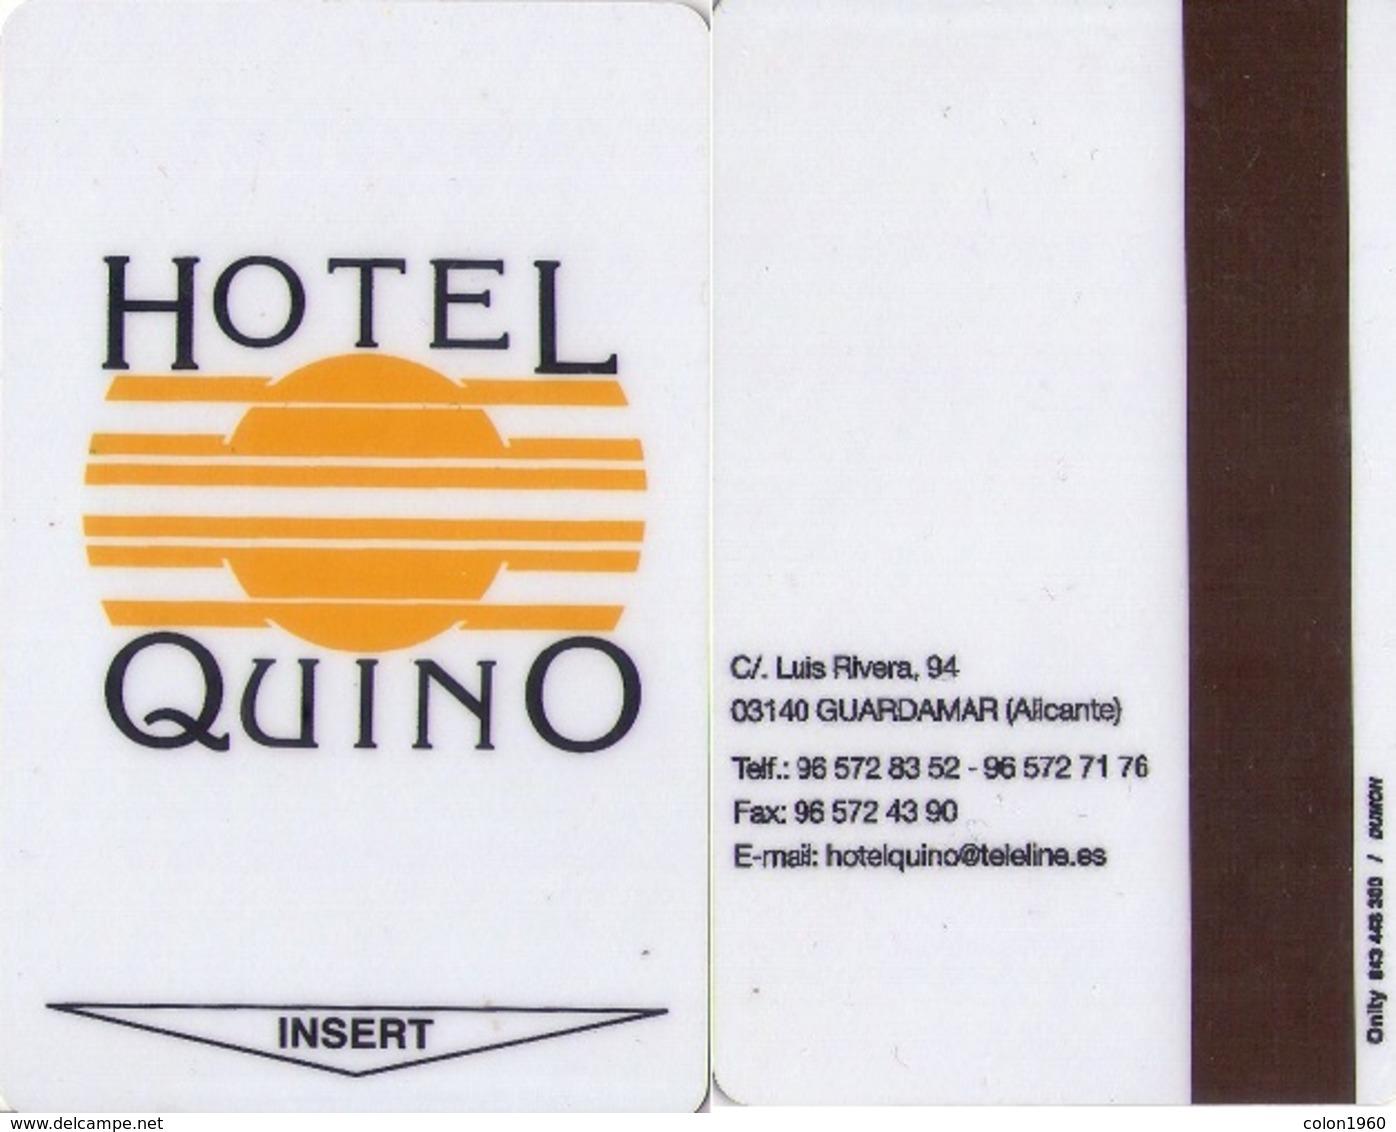 SPAIN. HOTEL KEY CARD. HOTEL QUINO (GUARDAMAR, ALICANTE). 006. - Cartas De Hotels